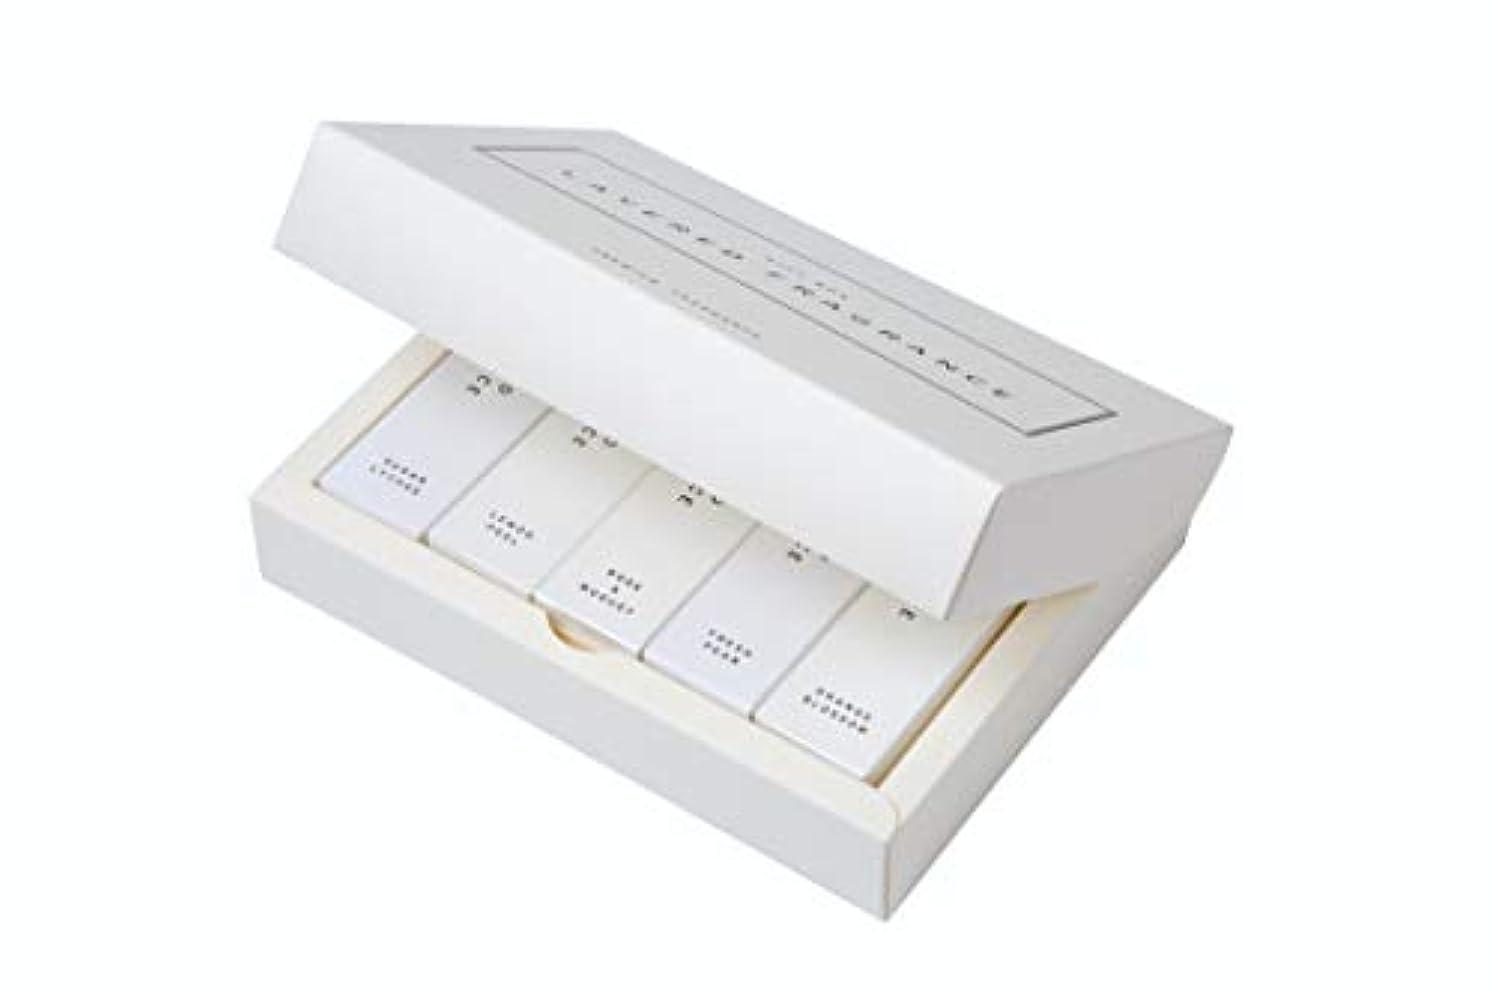 モンゴメリー古い本気レイヤードフレグランス ボディスプレー ミニサイズ 5本ギフトセット(BOX付) LAYERED FRAGRANCE BODY SPRAY MINI SIZE GIFT SET with GIFT BOX